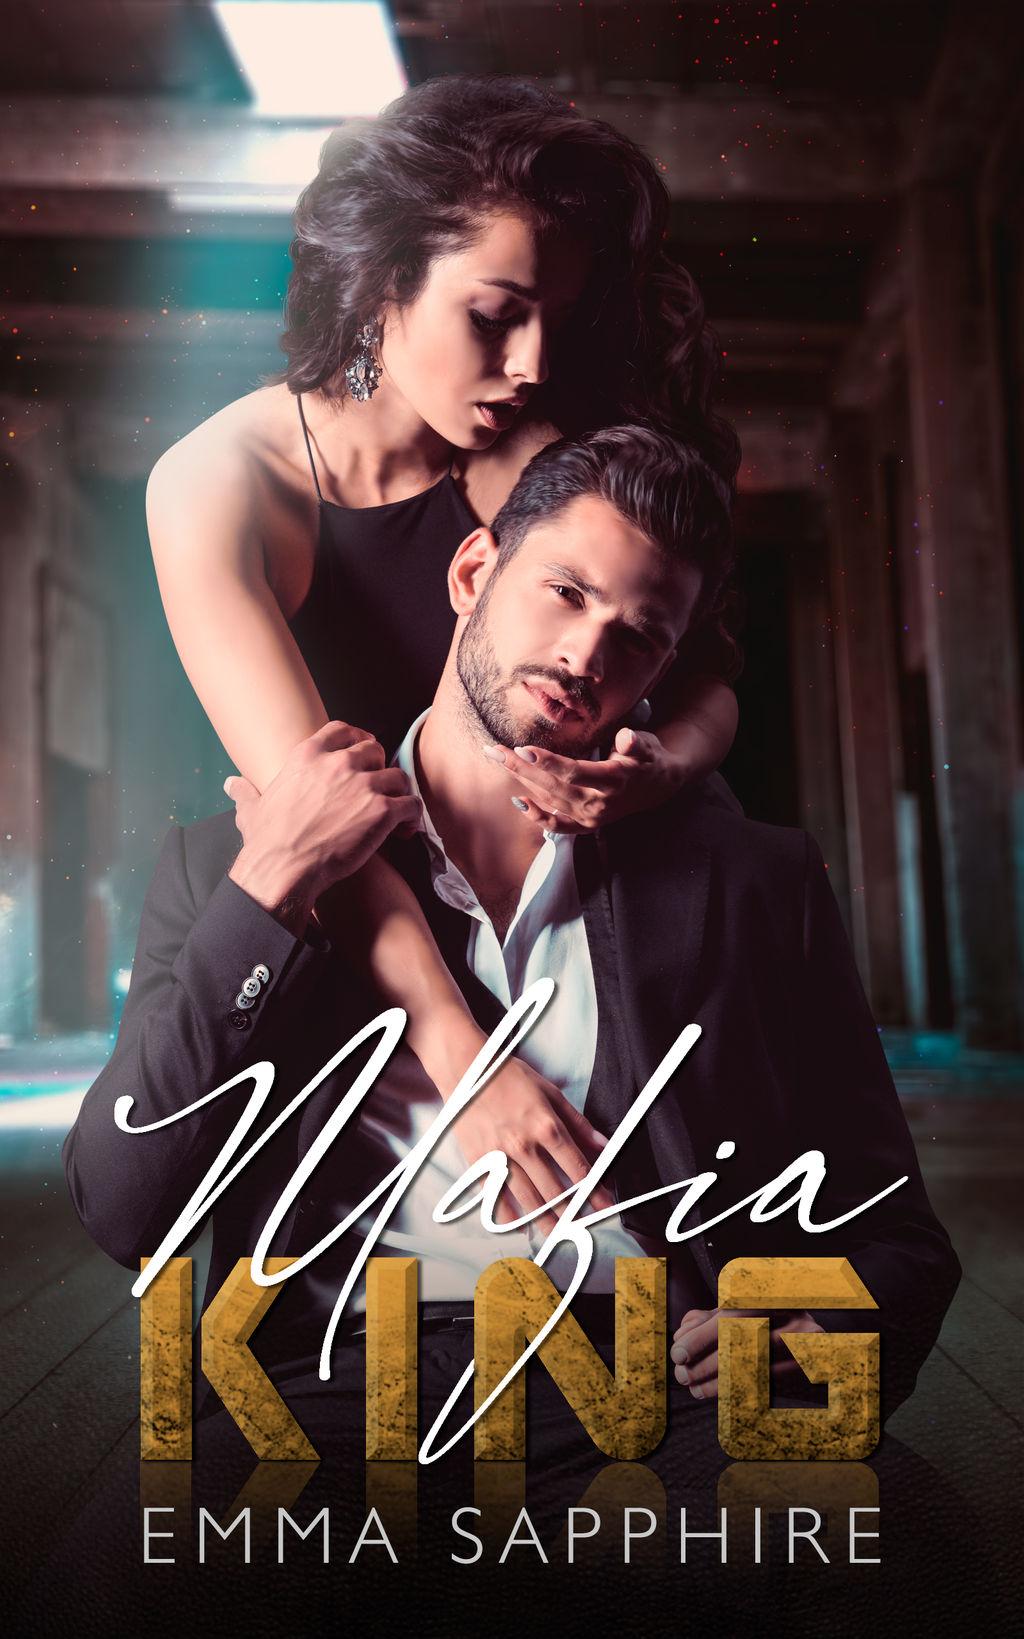 Mafia King - Ebook Cover (SOLD)